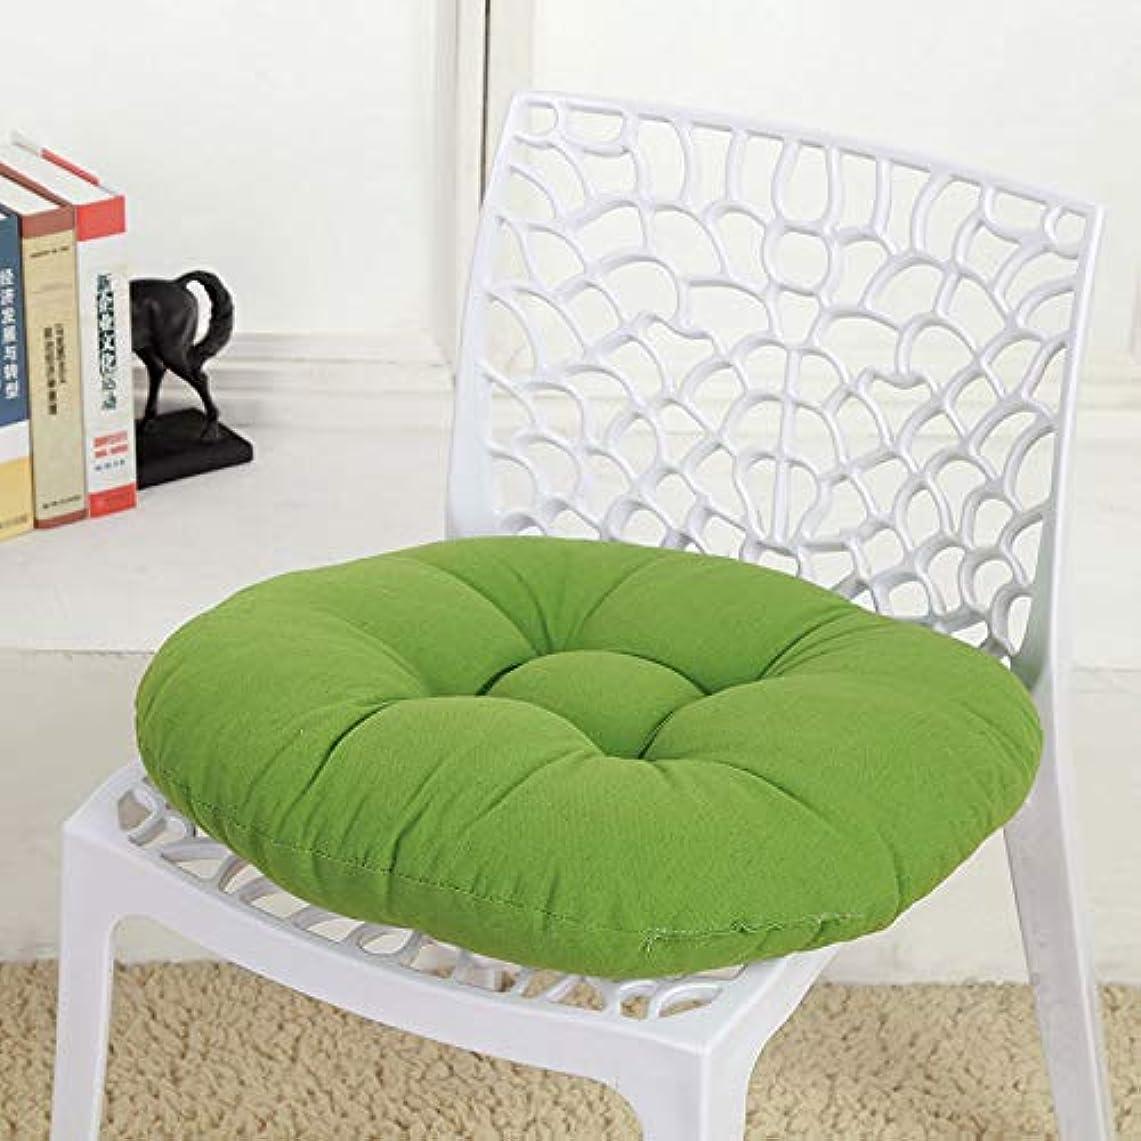 複雑犠牲合計LIFE キャンディカラーのクッションラウンドシートクッション波ウィンドウシートクッションクッション家の装飾パッドラウンド枕シート枕椅子座る枕 クッション 椅子